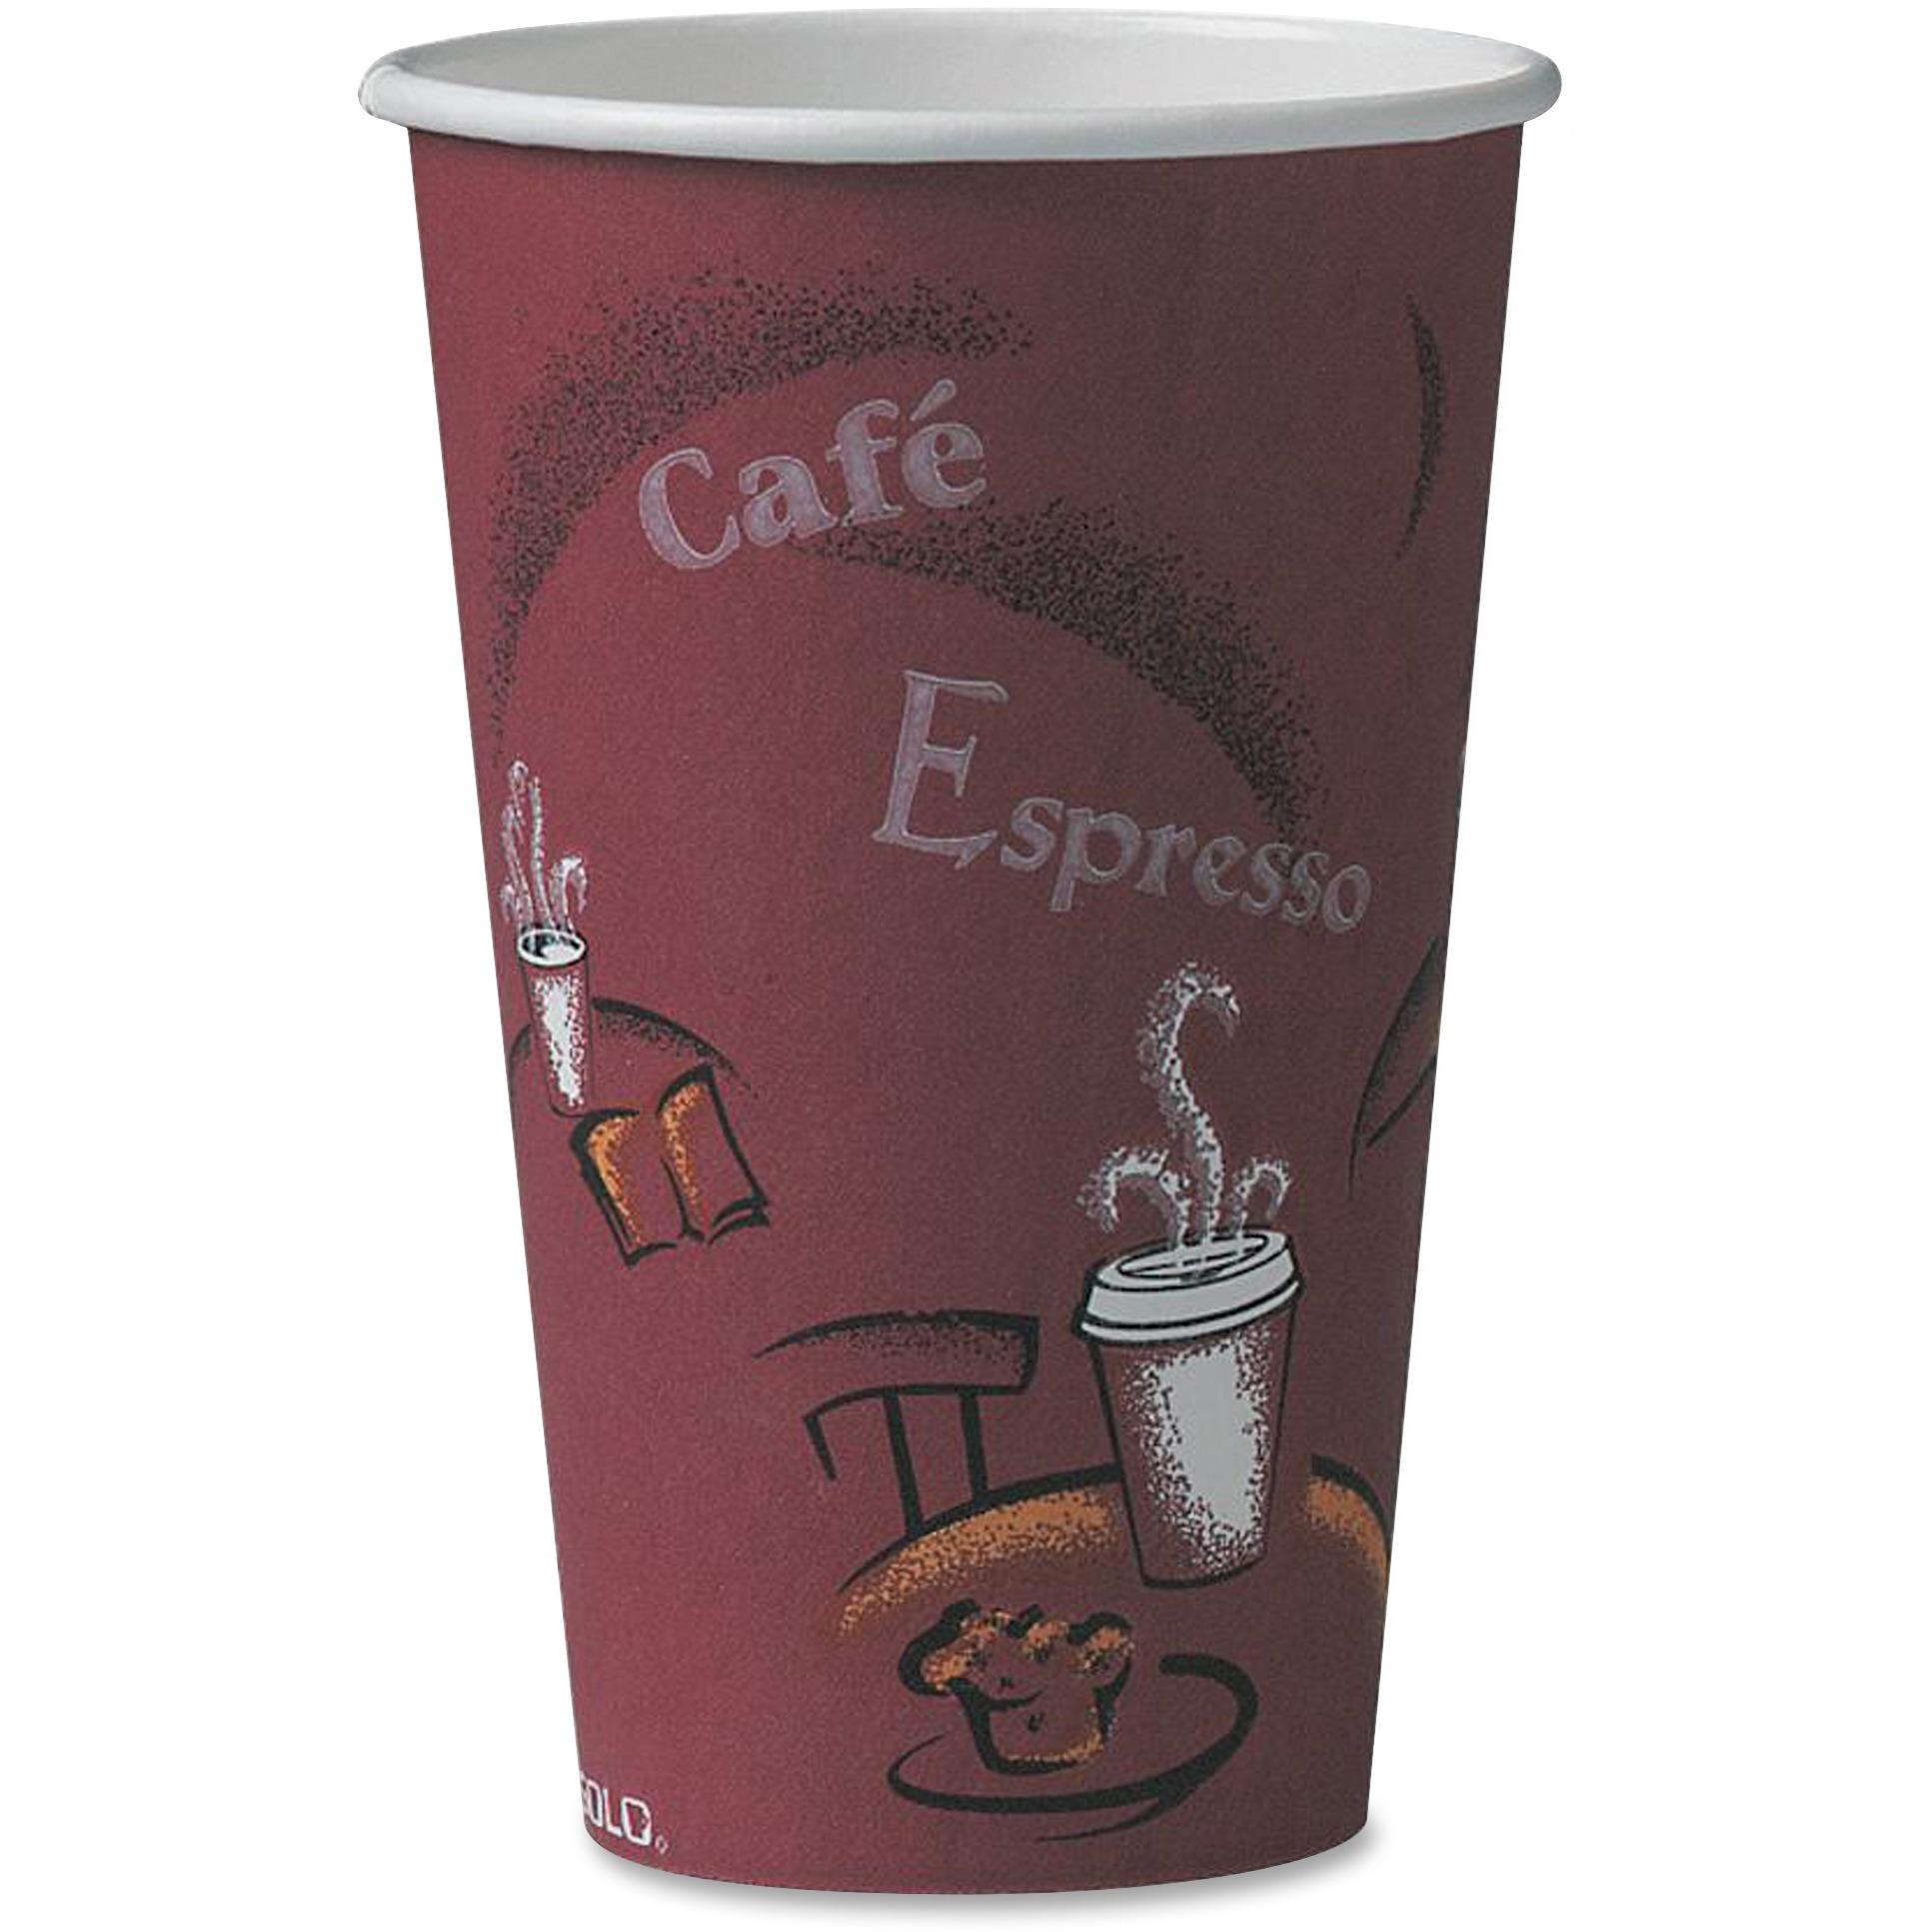 Solo, SCC316SI0041CT, Bistro Design Disposable Paper Cups, 1000 / Carton, Maroon, 16 fl oz